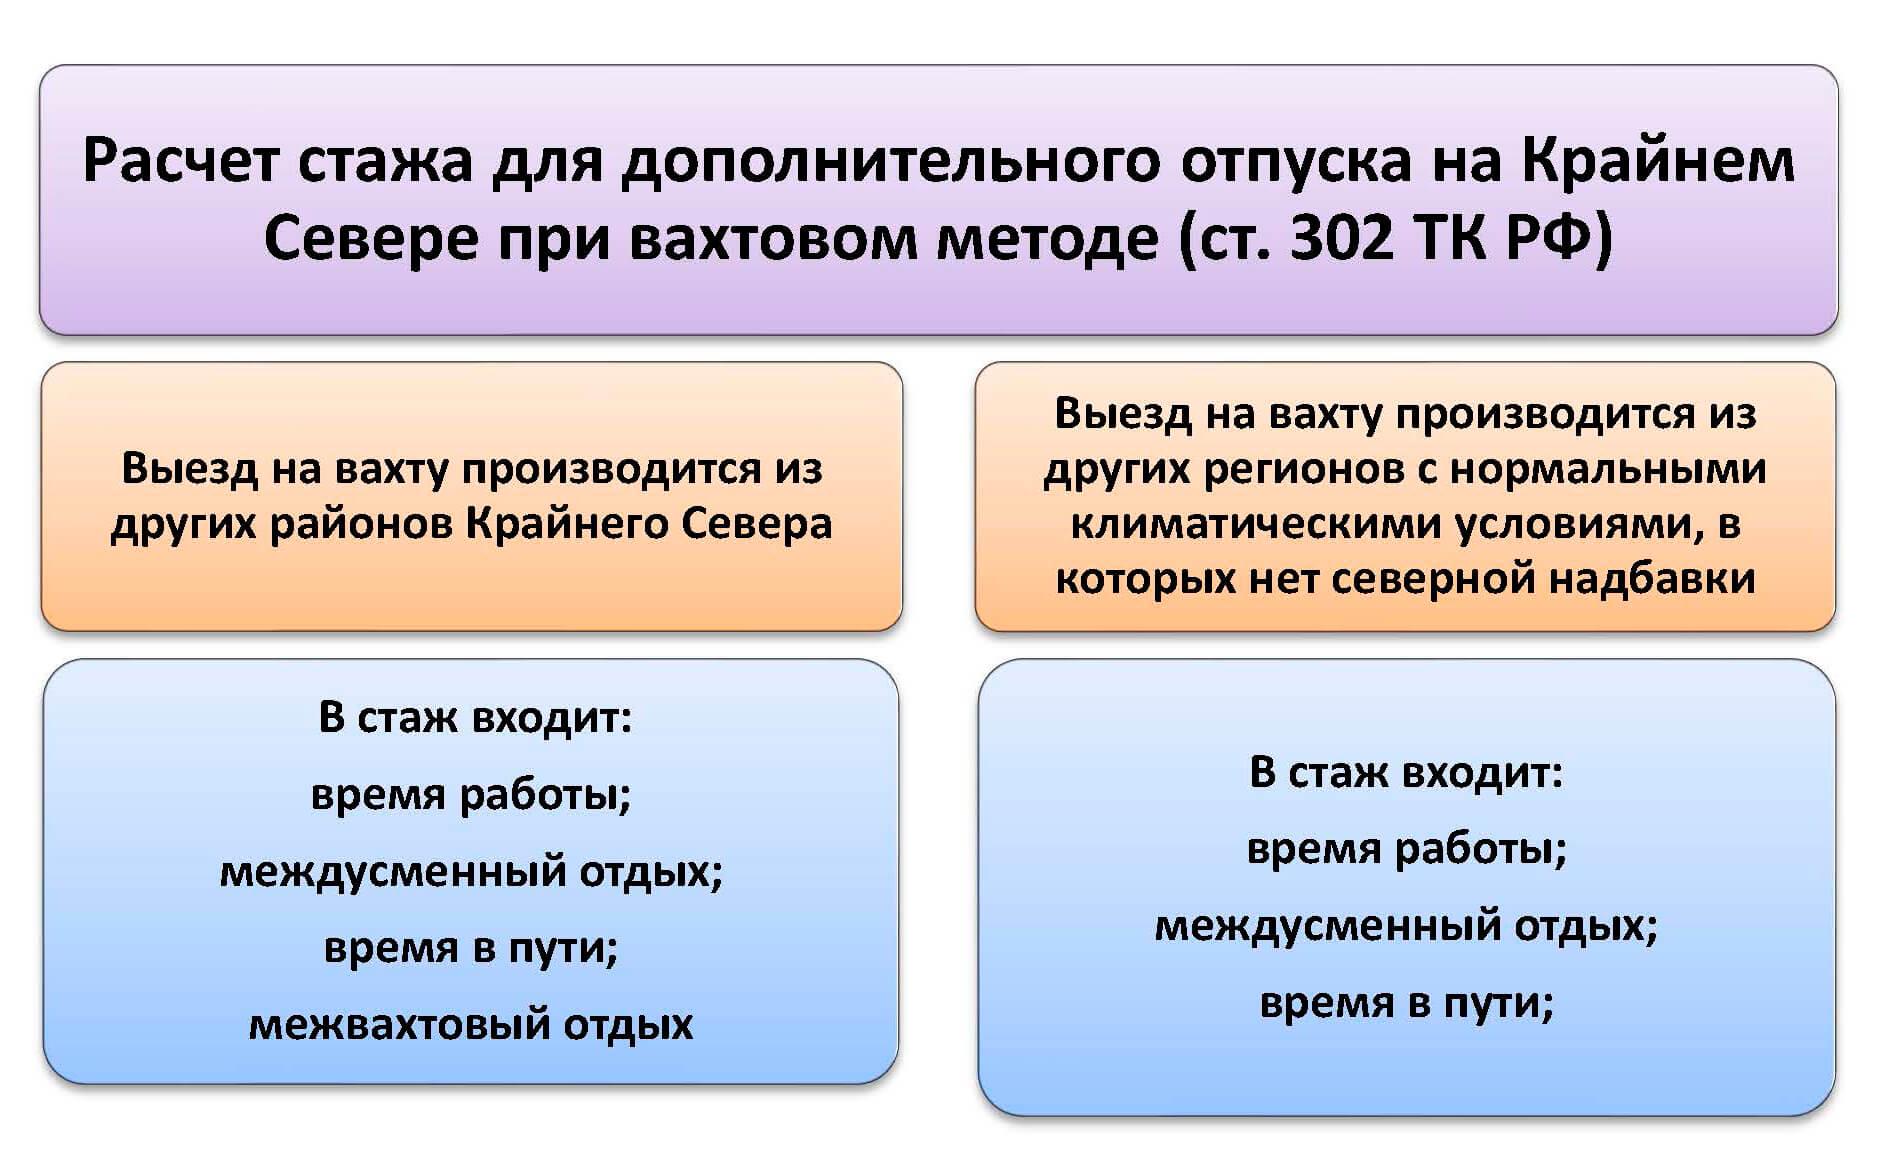 Отпуск в районах Крайнего Севера: особенности и длительность в 2019 г.